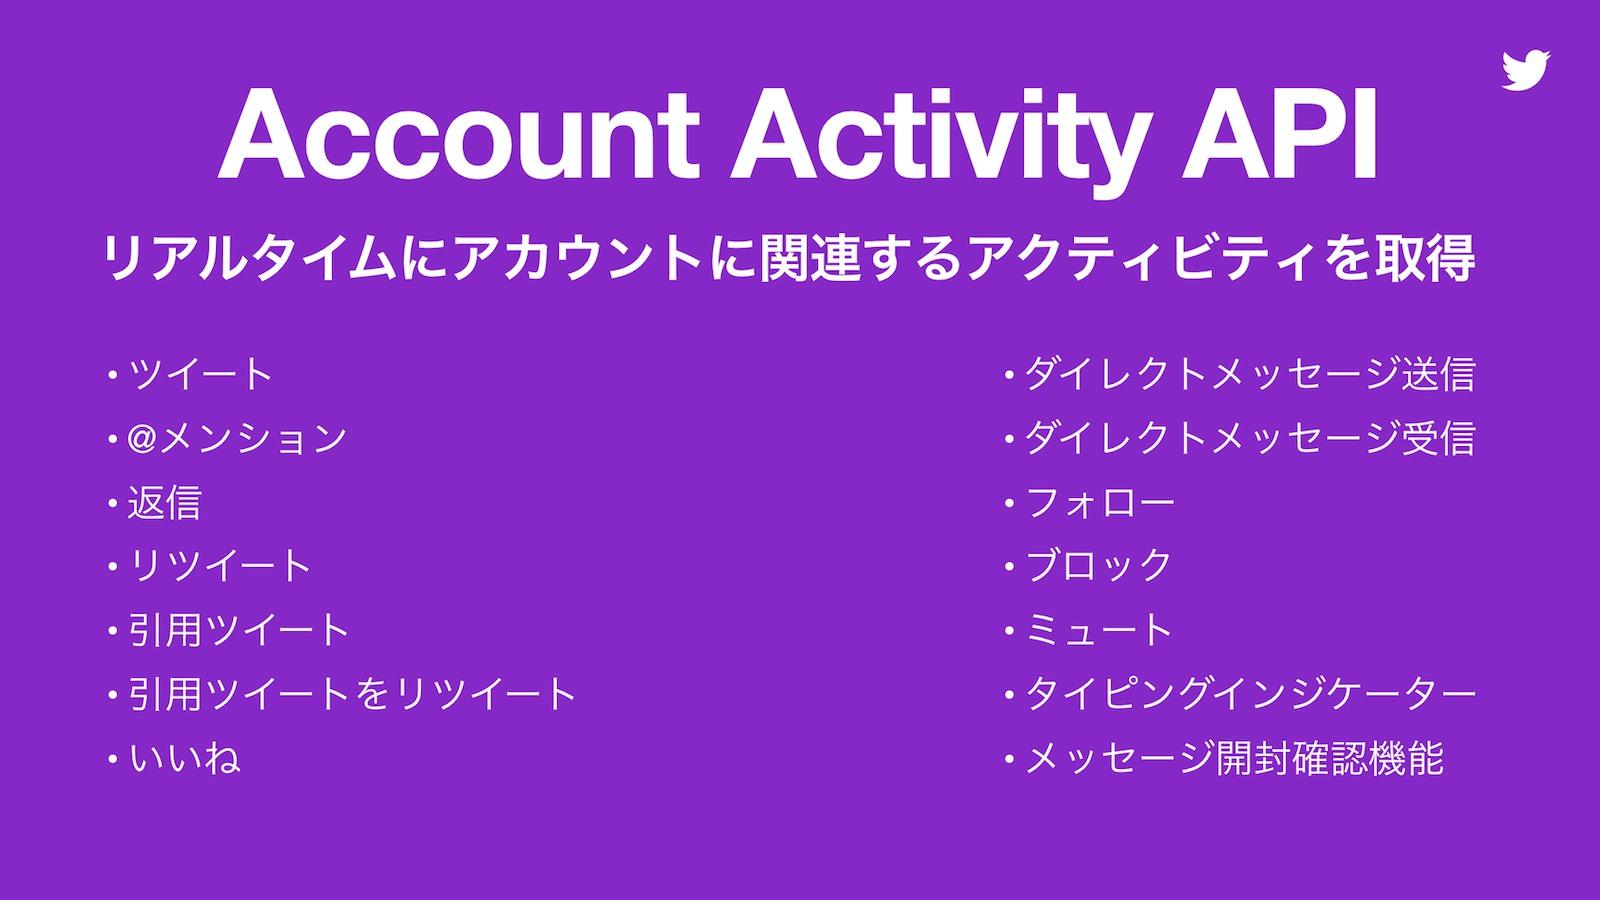 User stream api to account activity api